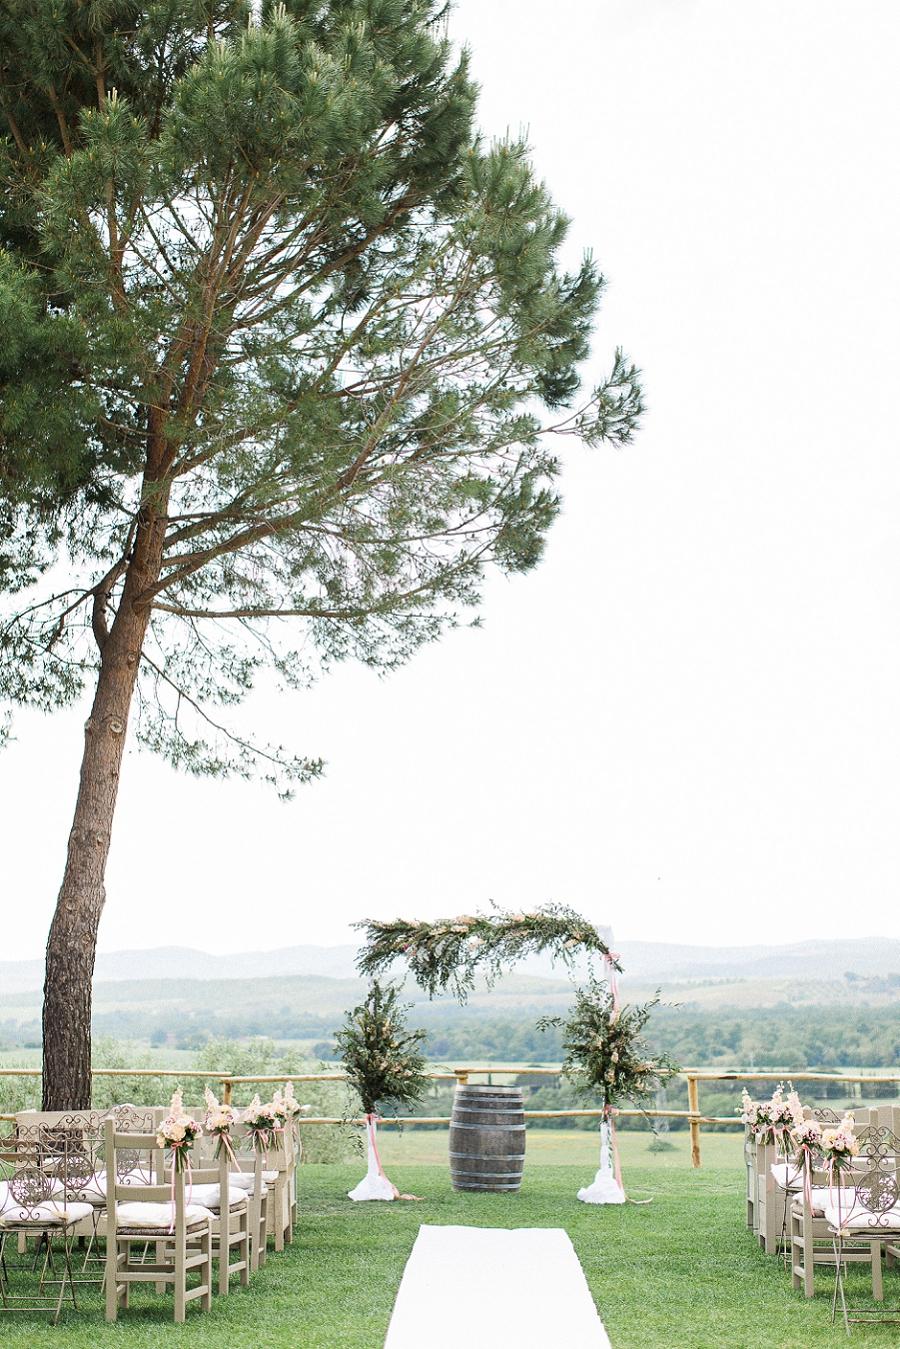 Tuscany-wedding-Conti di San Bonifacio-Tanja-Kibogo-Pisa-wedding (27).JPG